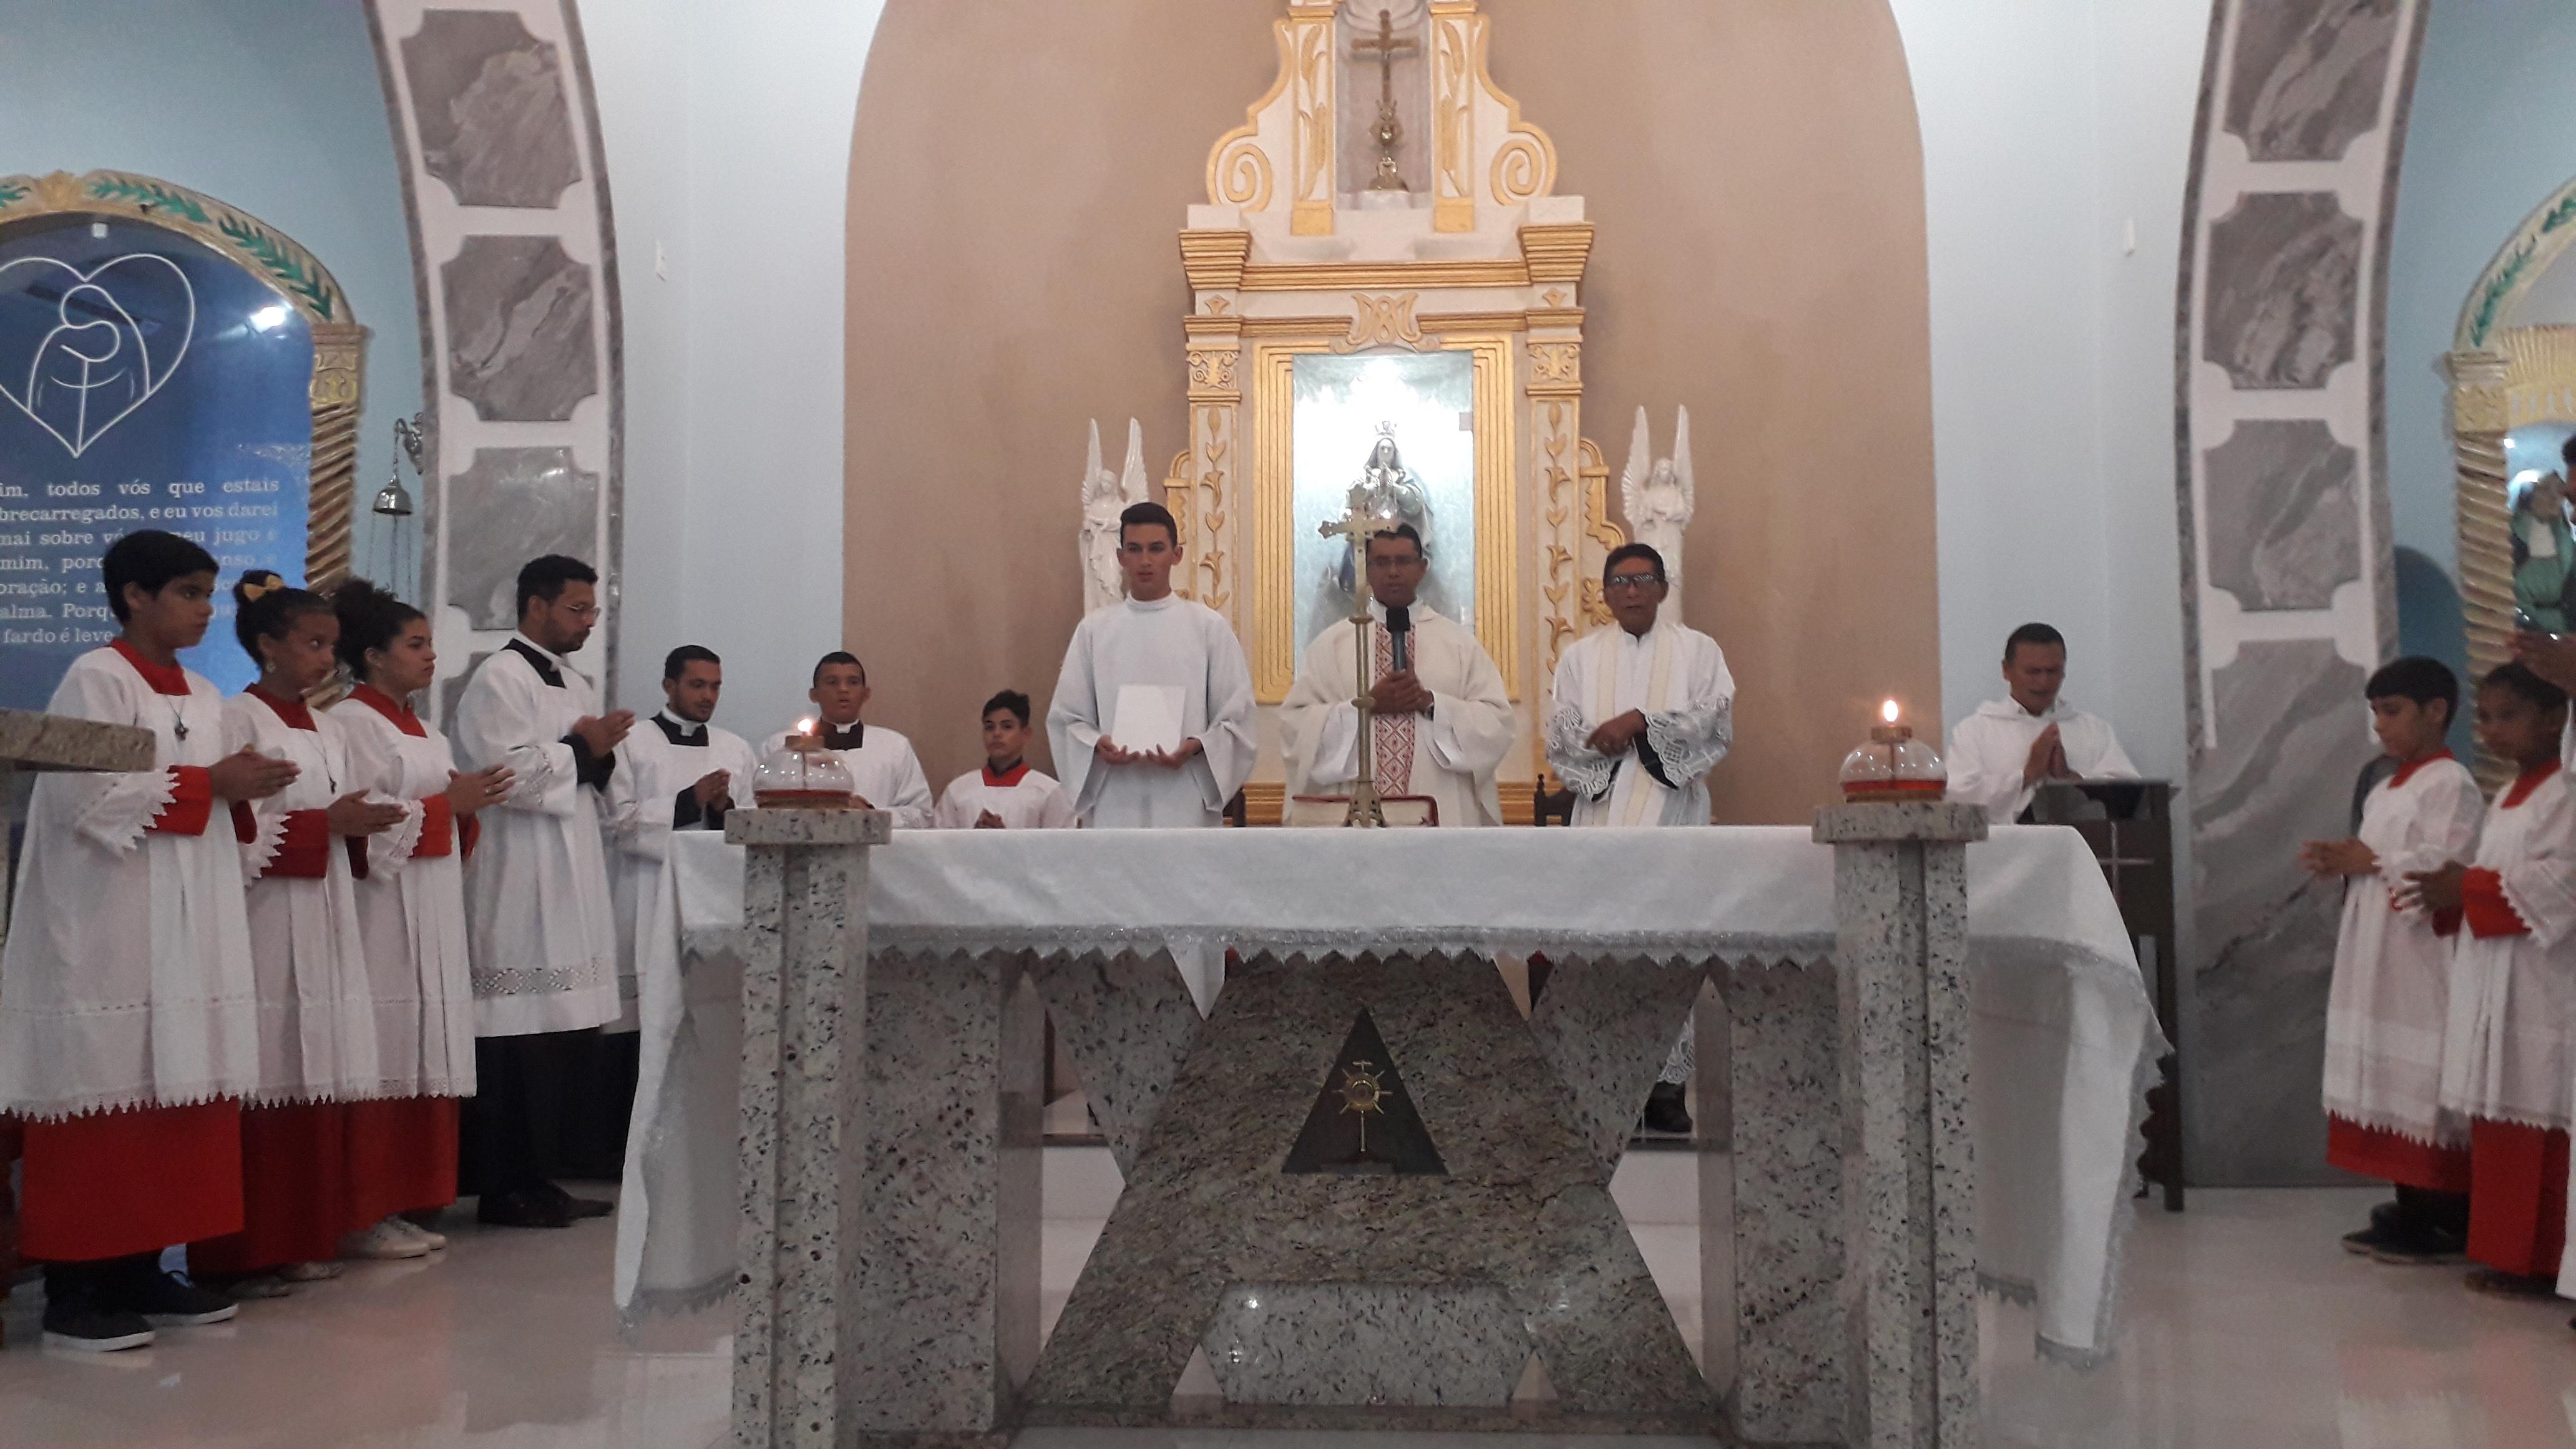 Quinta-feira Santa, Missa da Ceia do Senhor (Lava Pés)